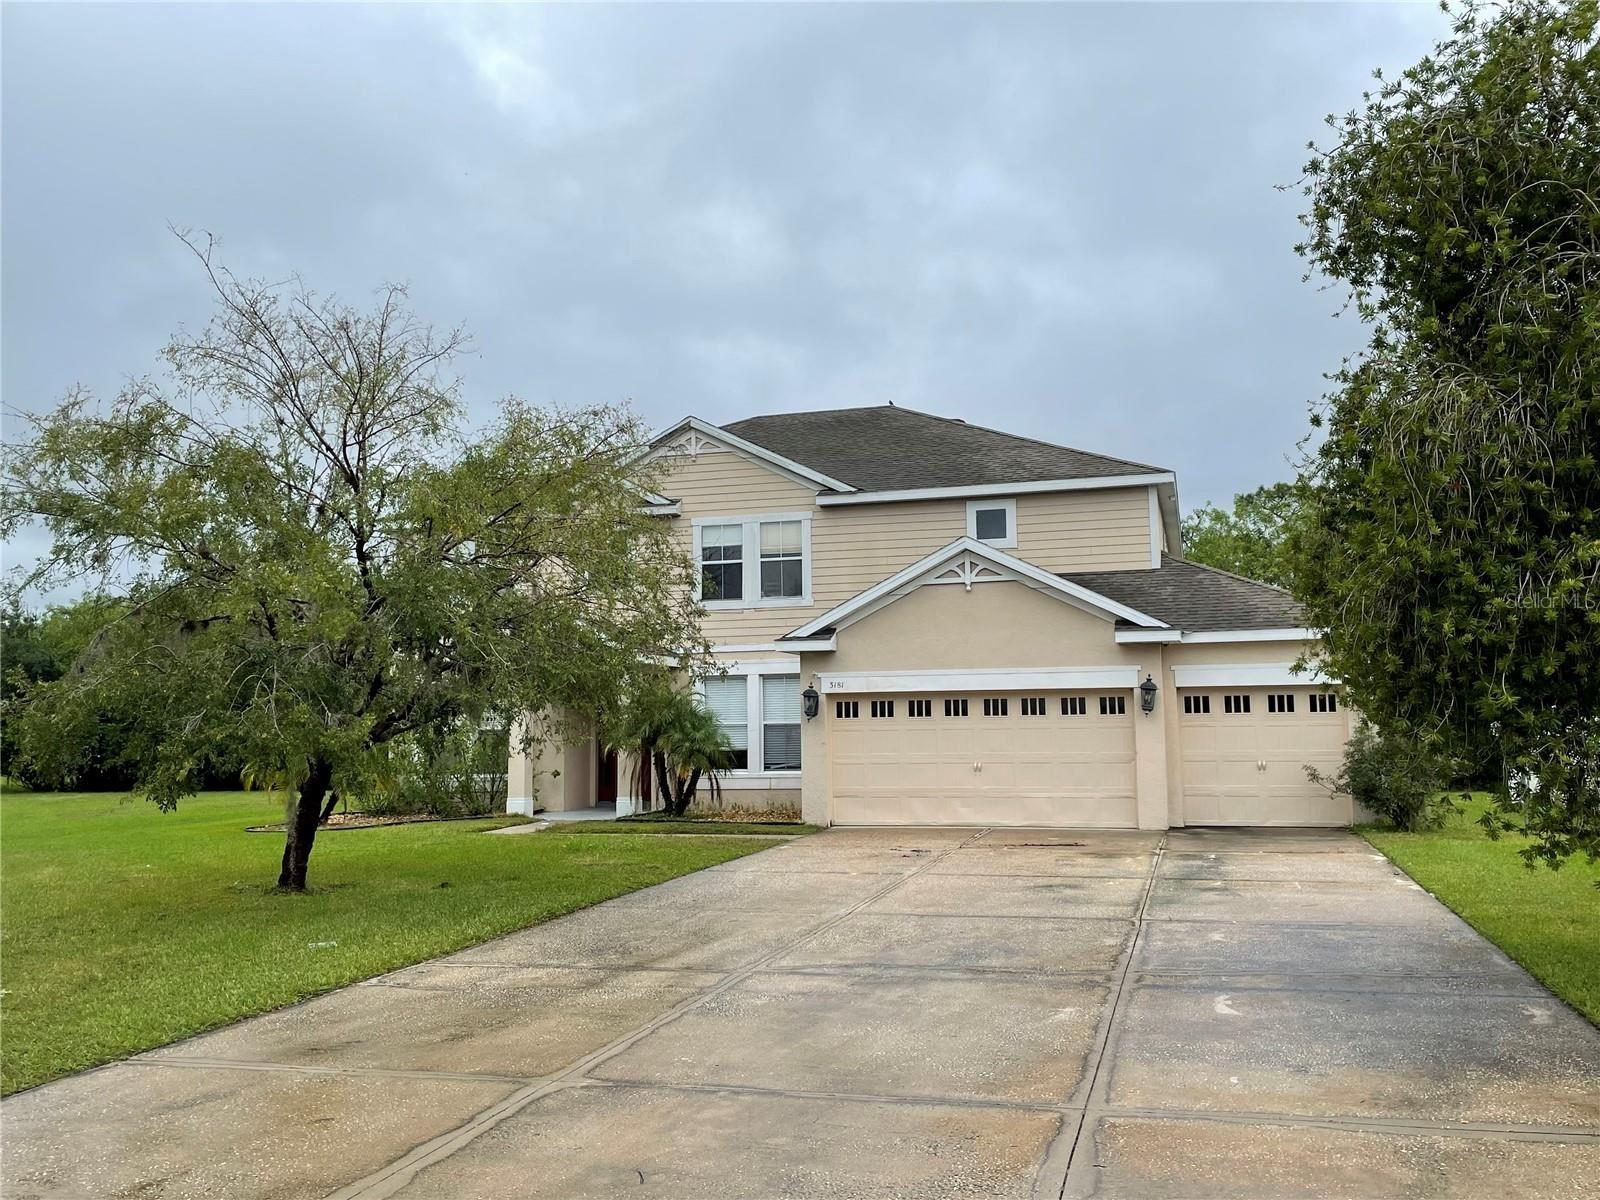 3181 PAWLEYS LOOP N, Saint Cloud, FL 34769 - #: O5965531